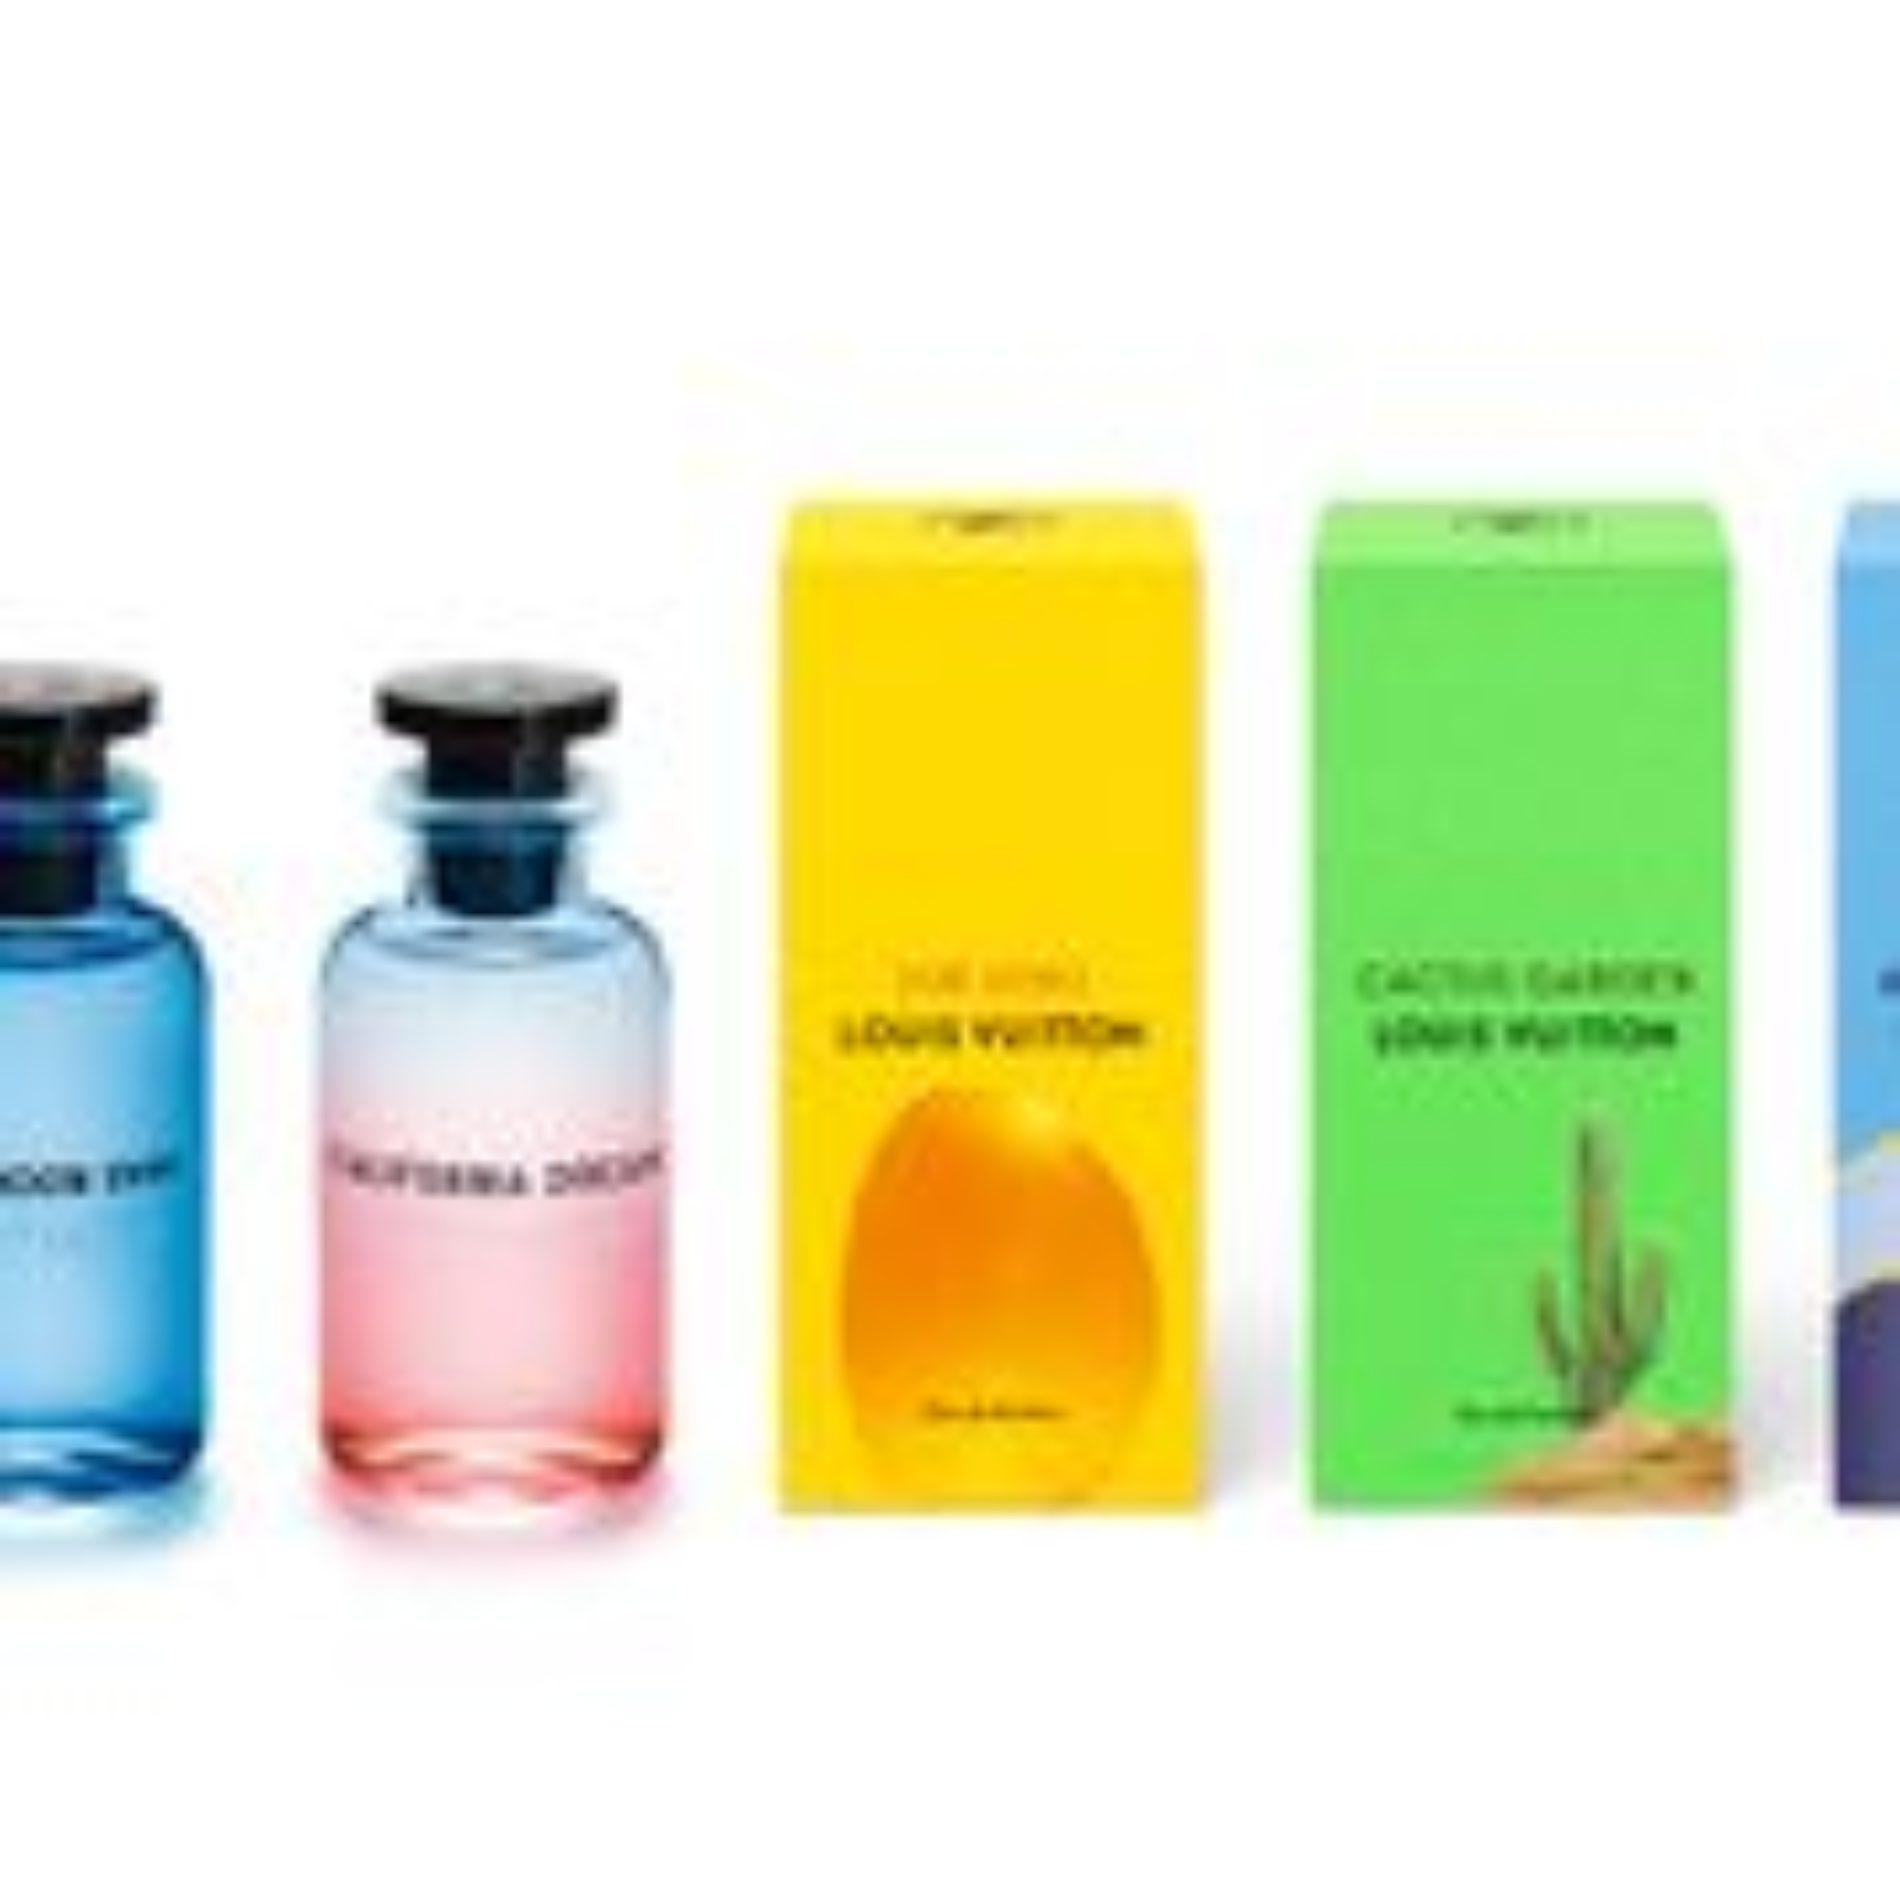 California Dream, la nueva fragancia de Louis Vuitton